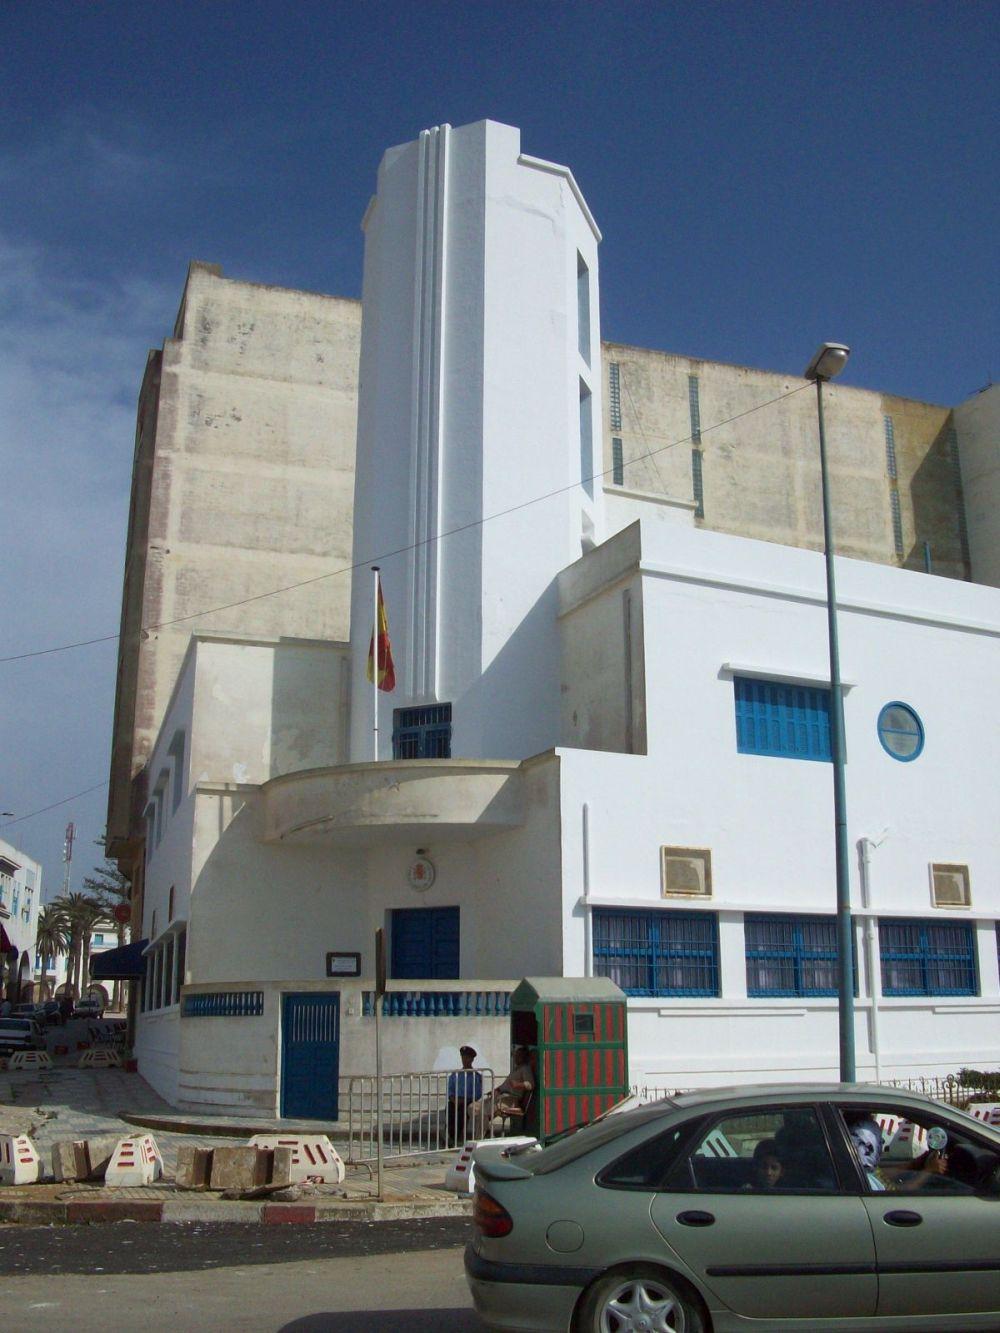 casa del Flecha, Larache (actual Consulado de EspañaI